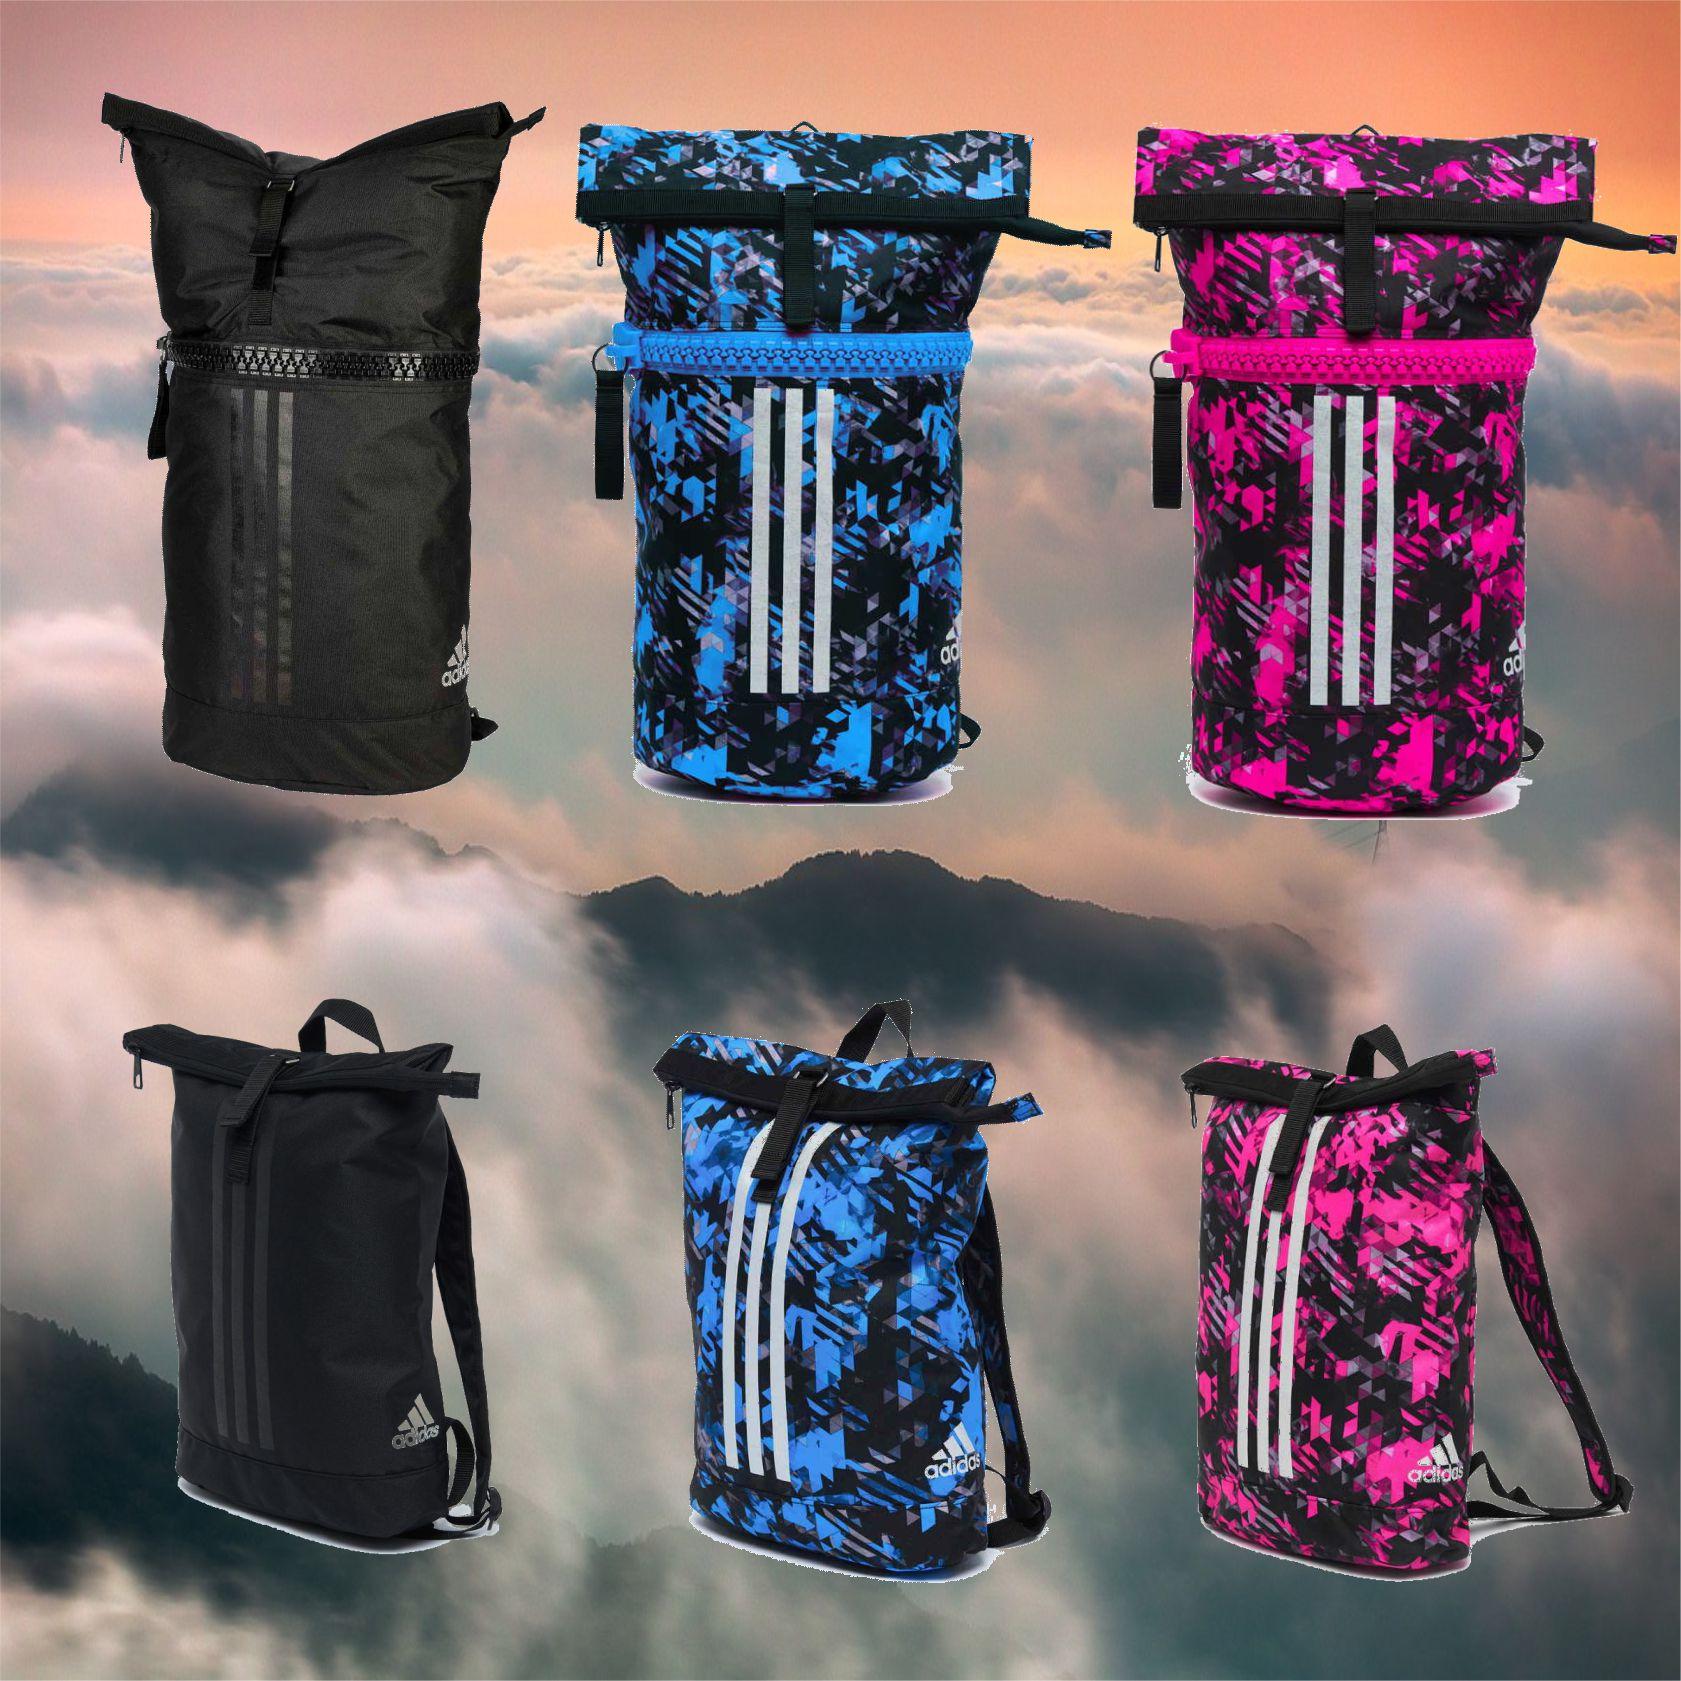 adidas Seesäcke | military bags